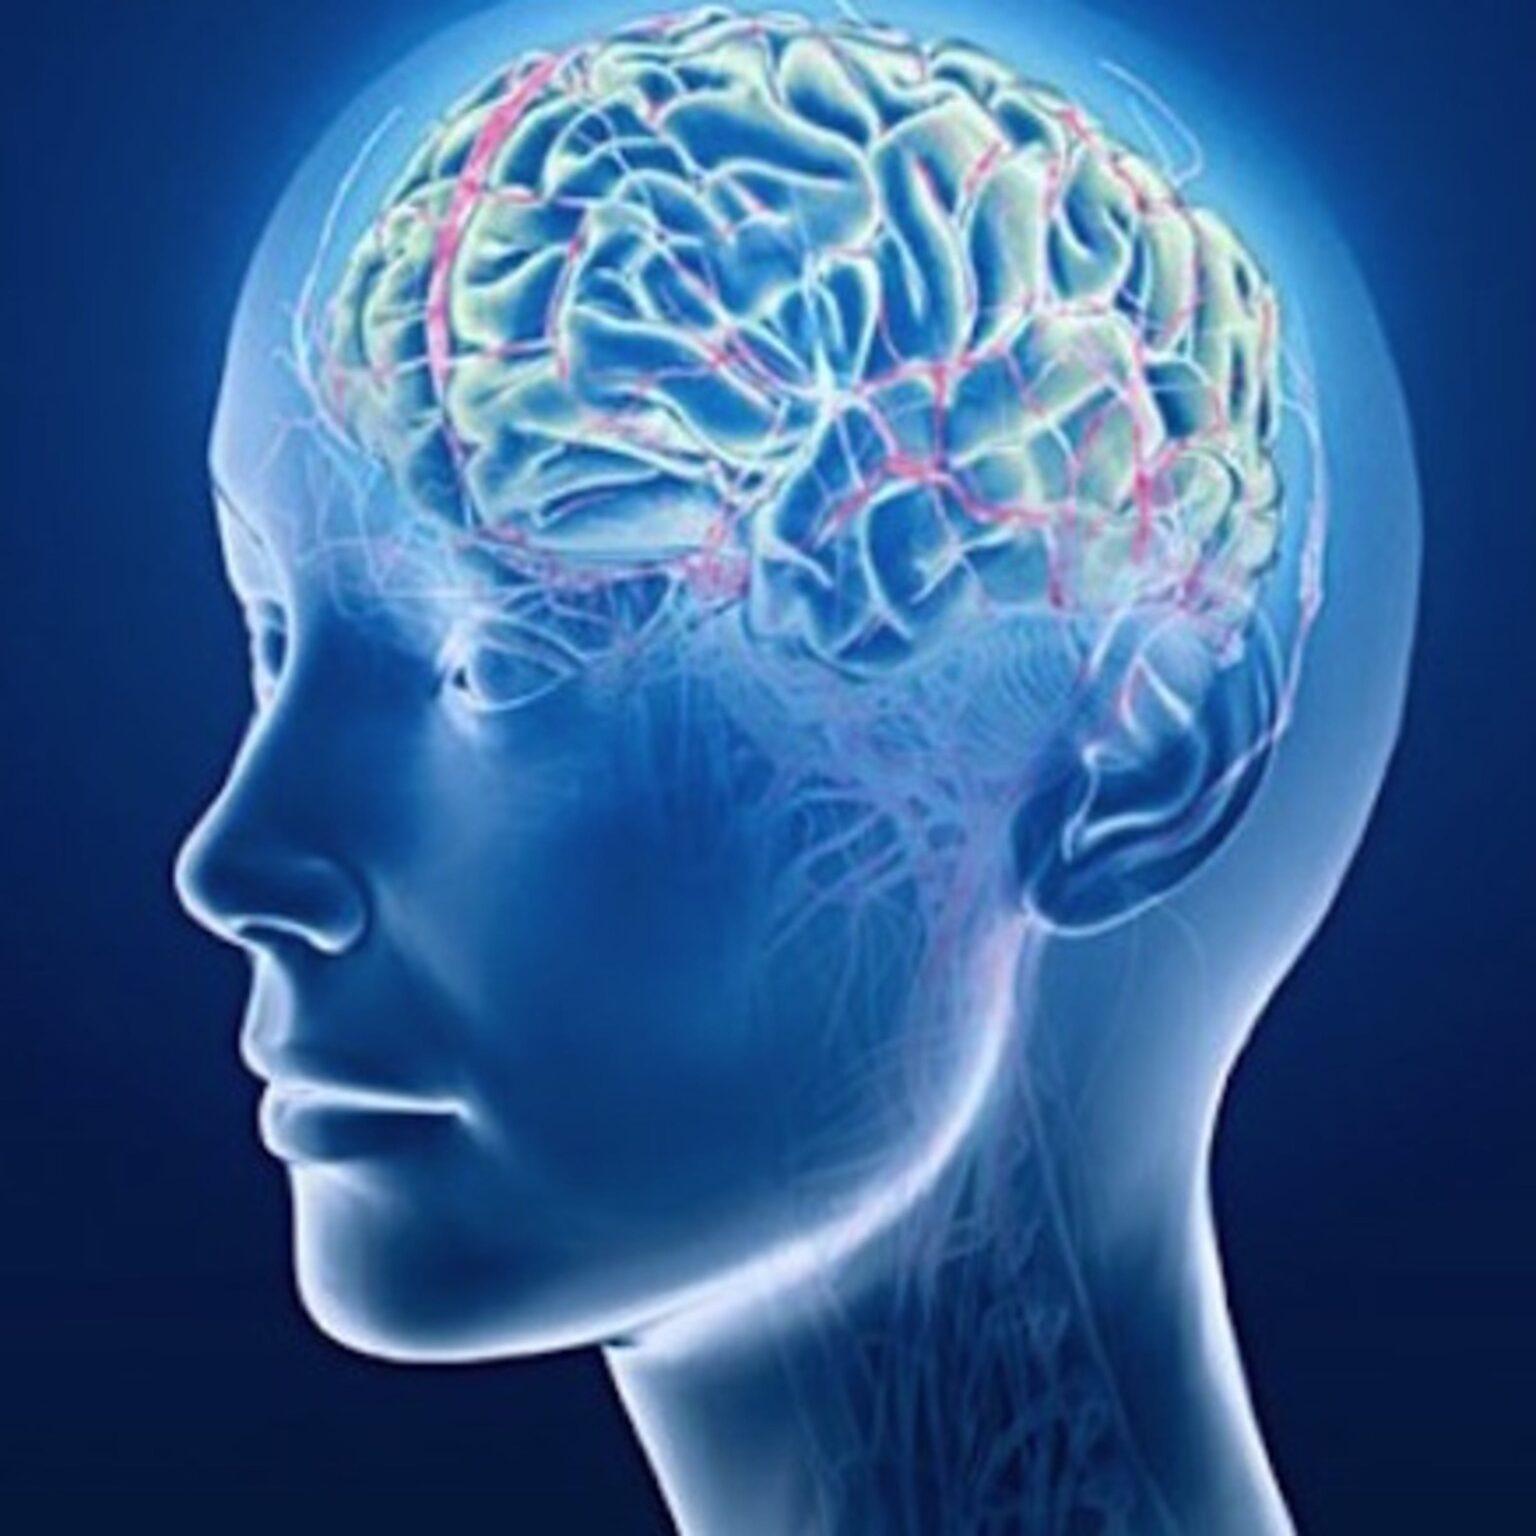 ghrelin in brain diseases